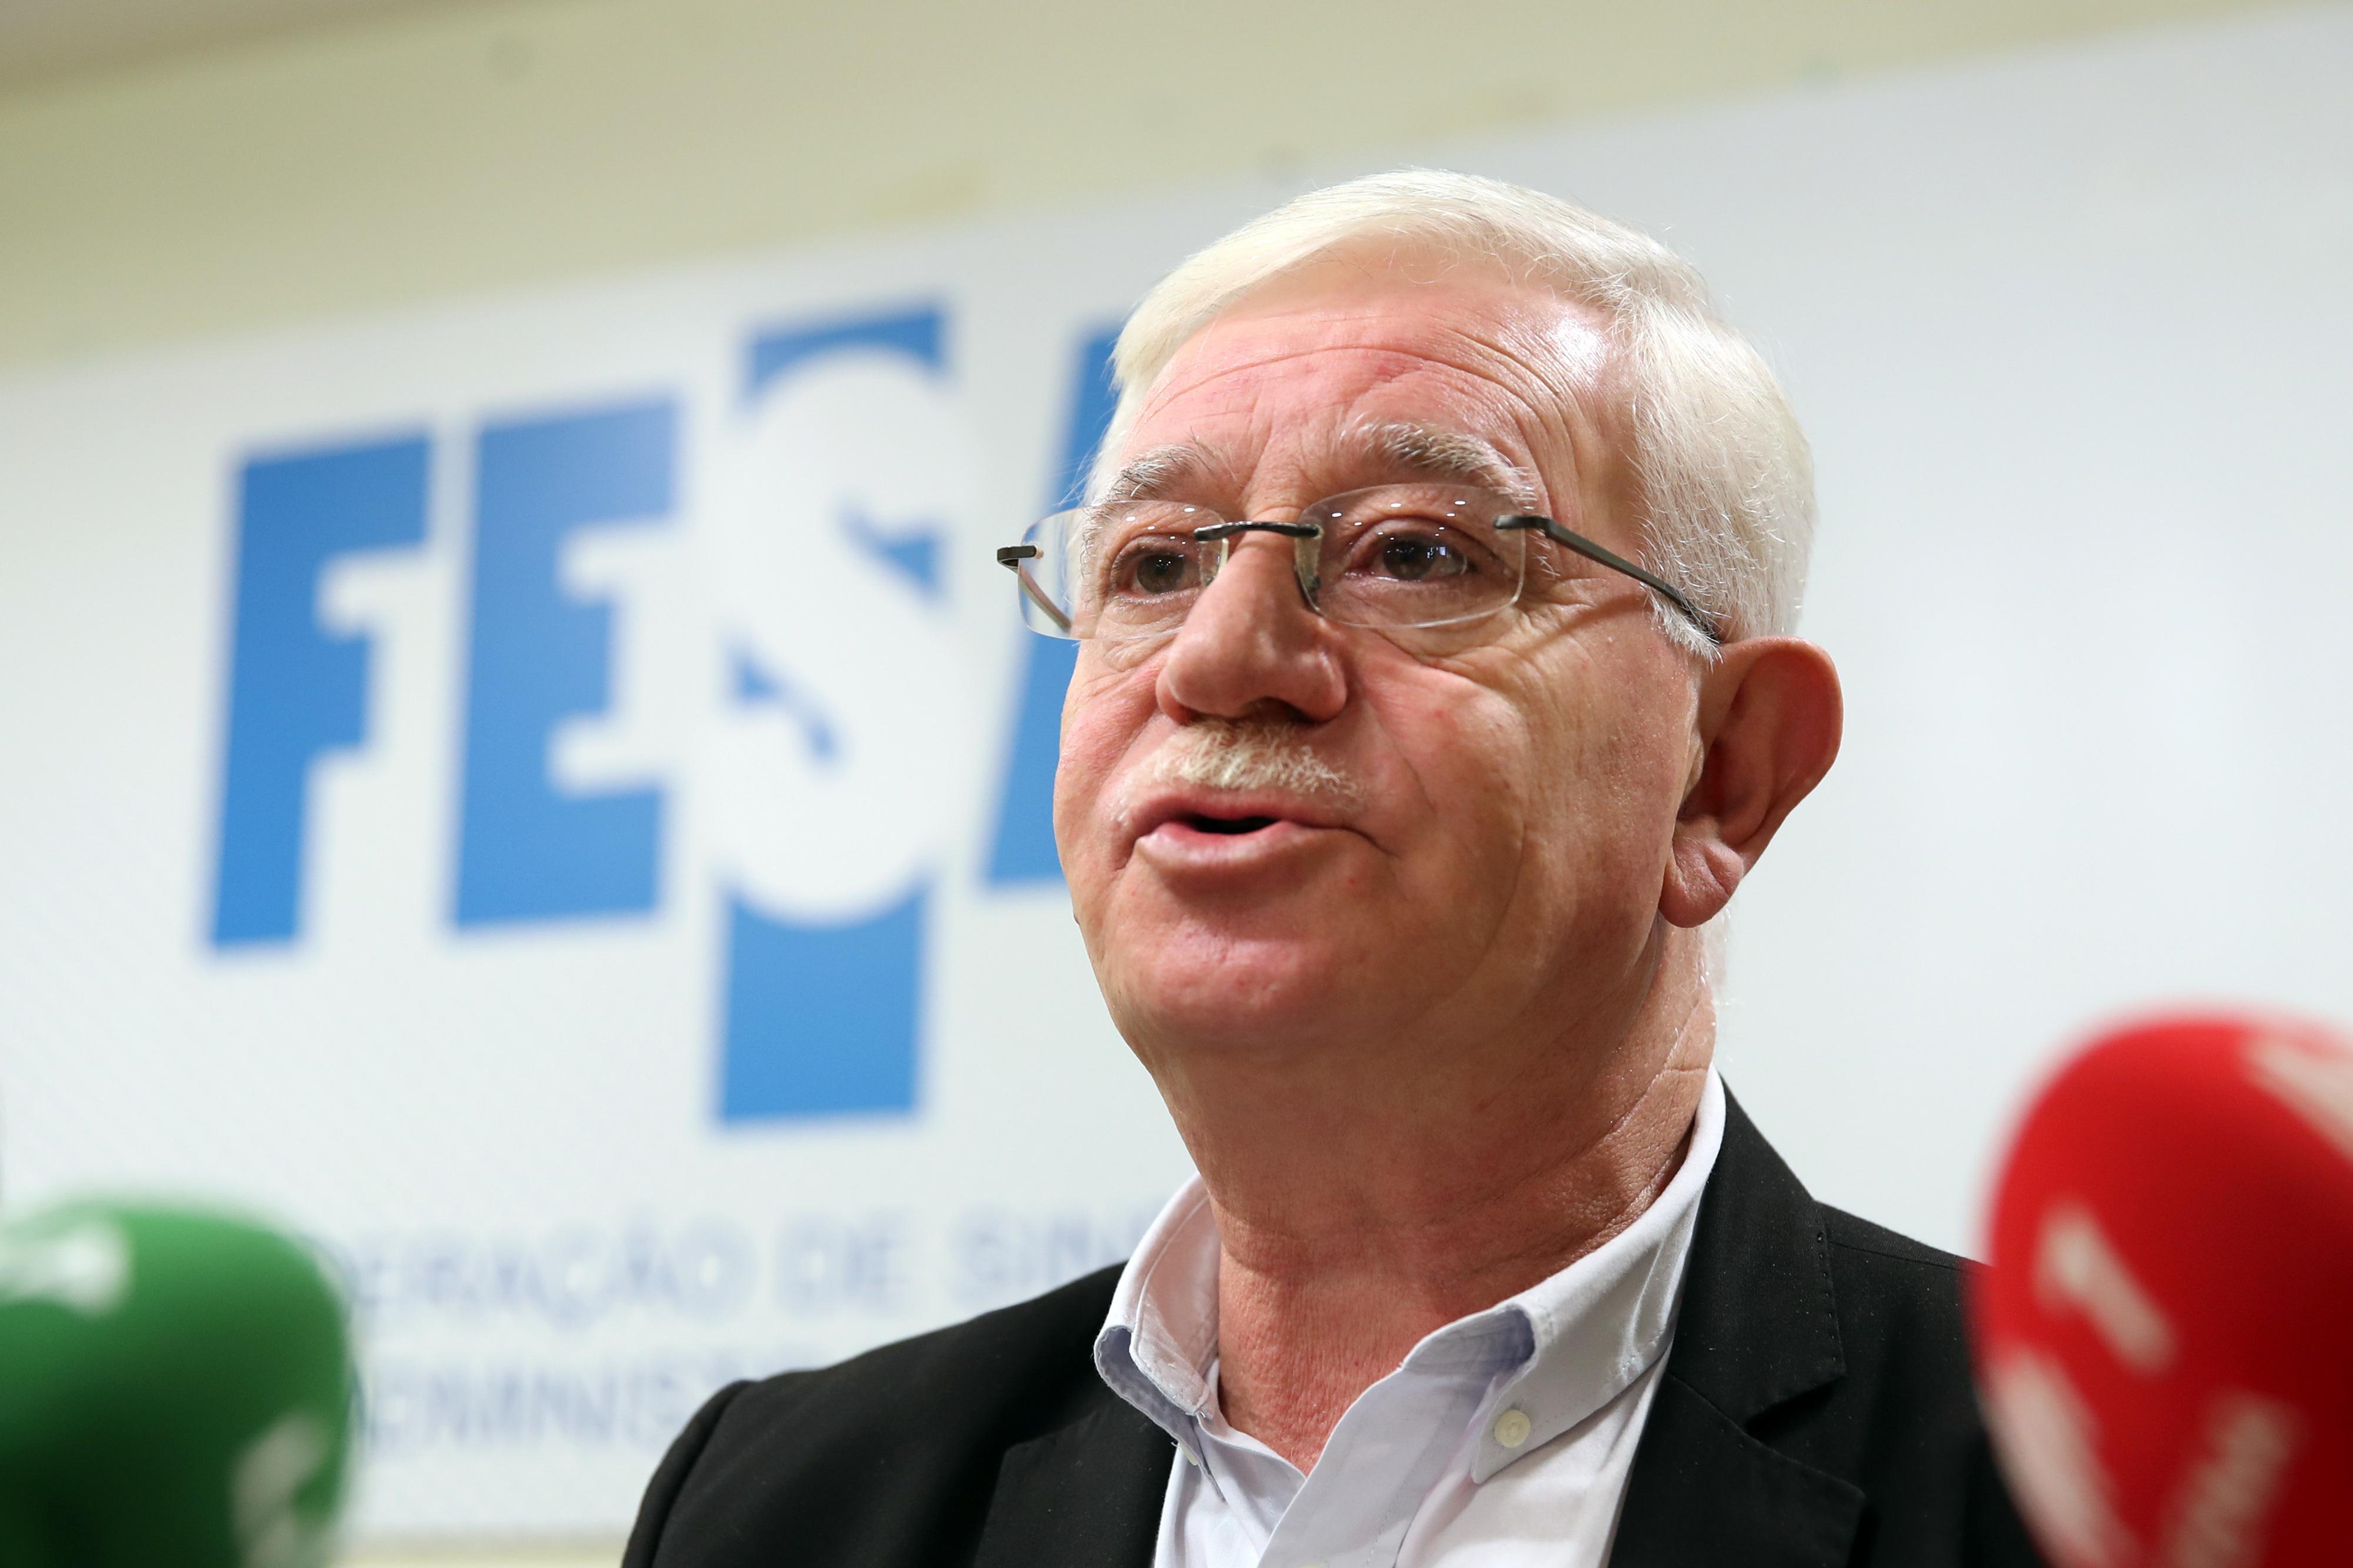 FESAP quer concertar posições com restantes estruturas sindicais